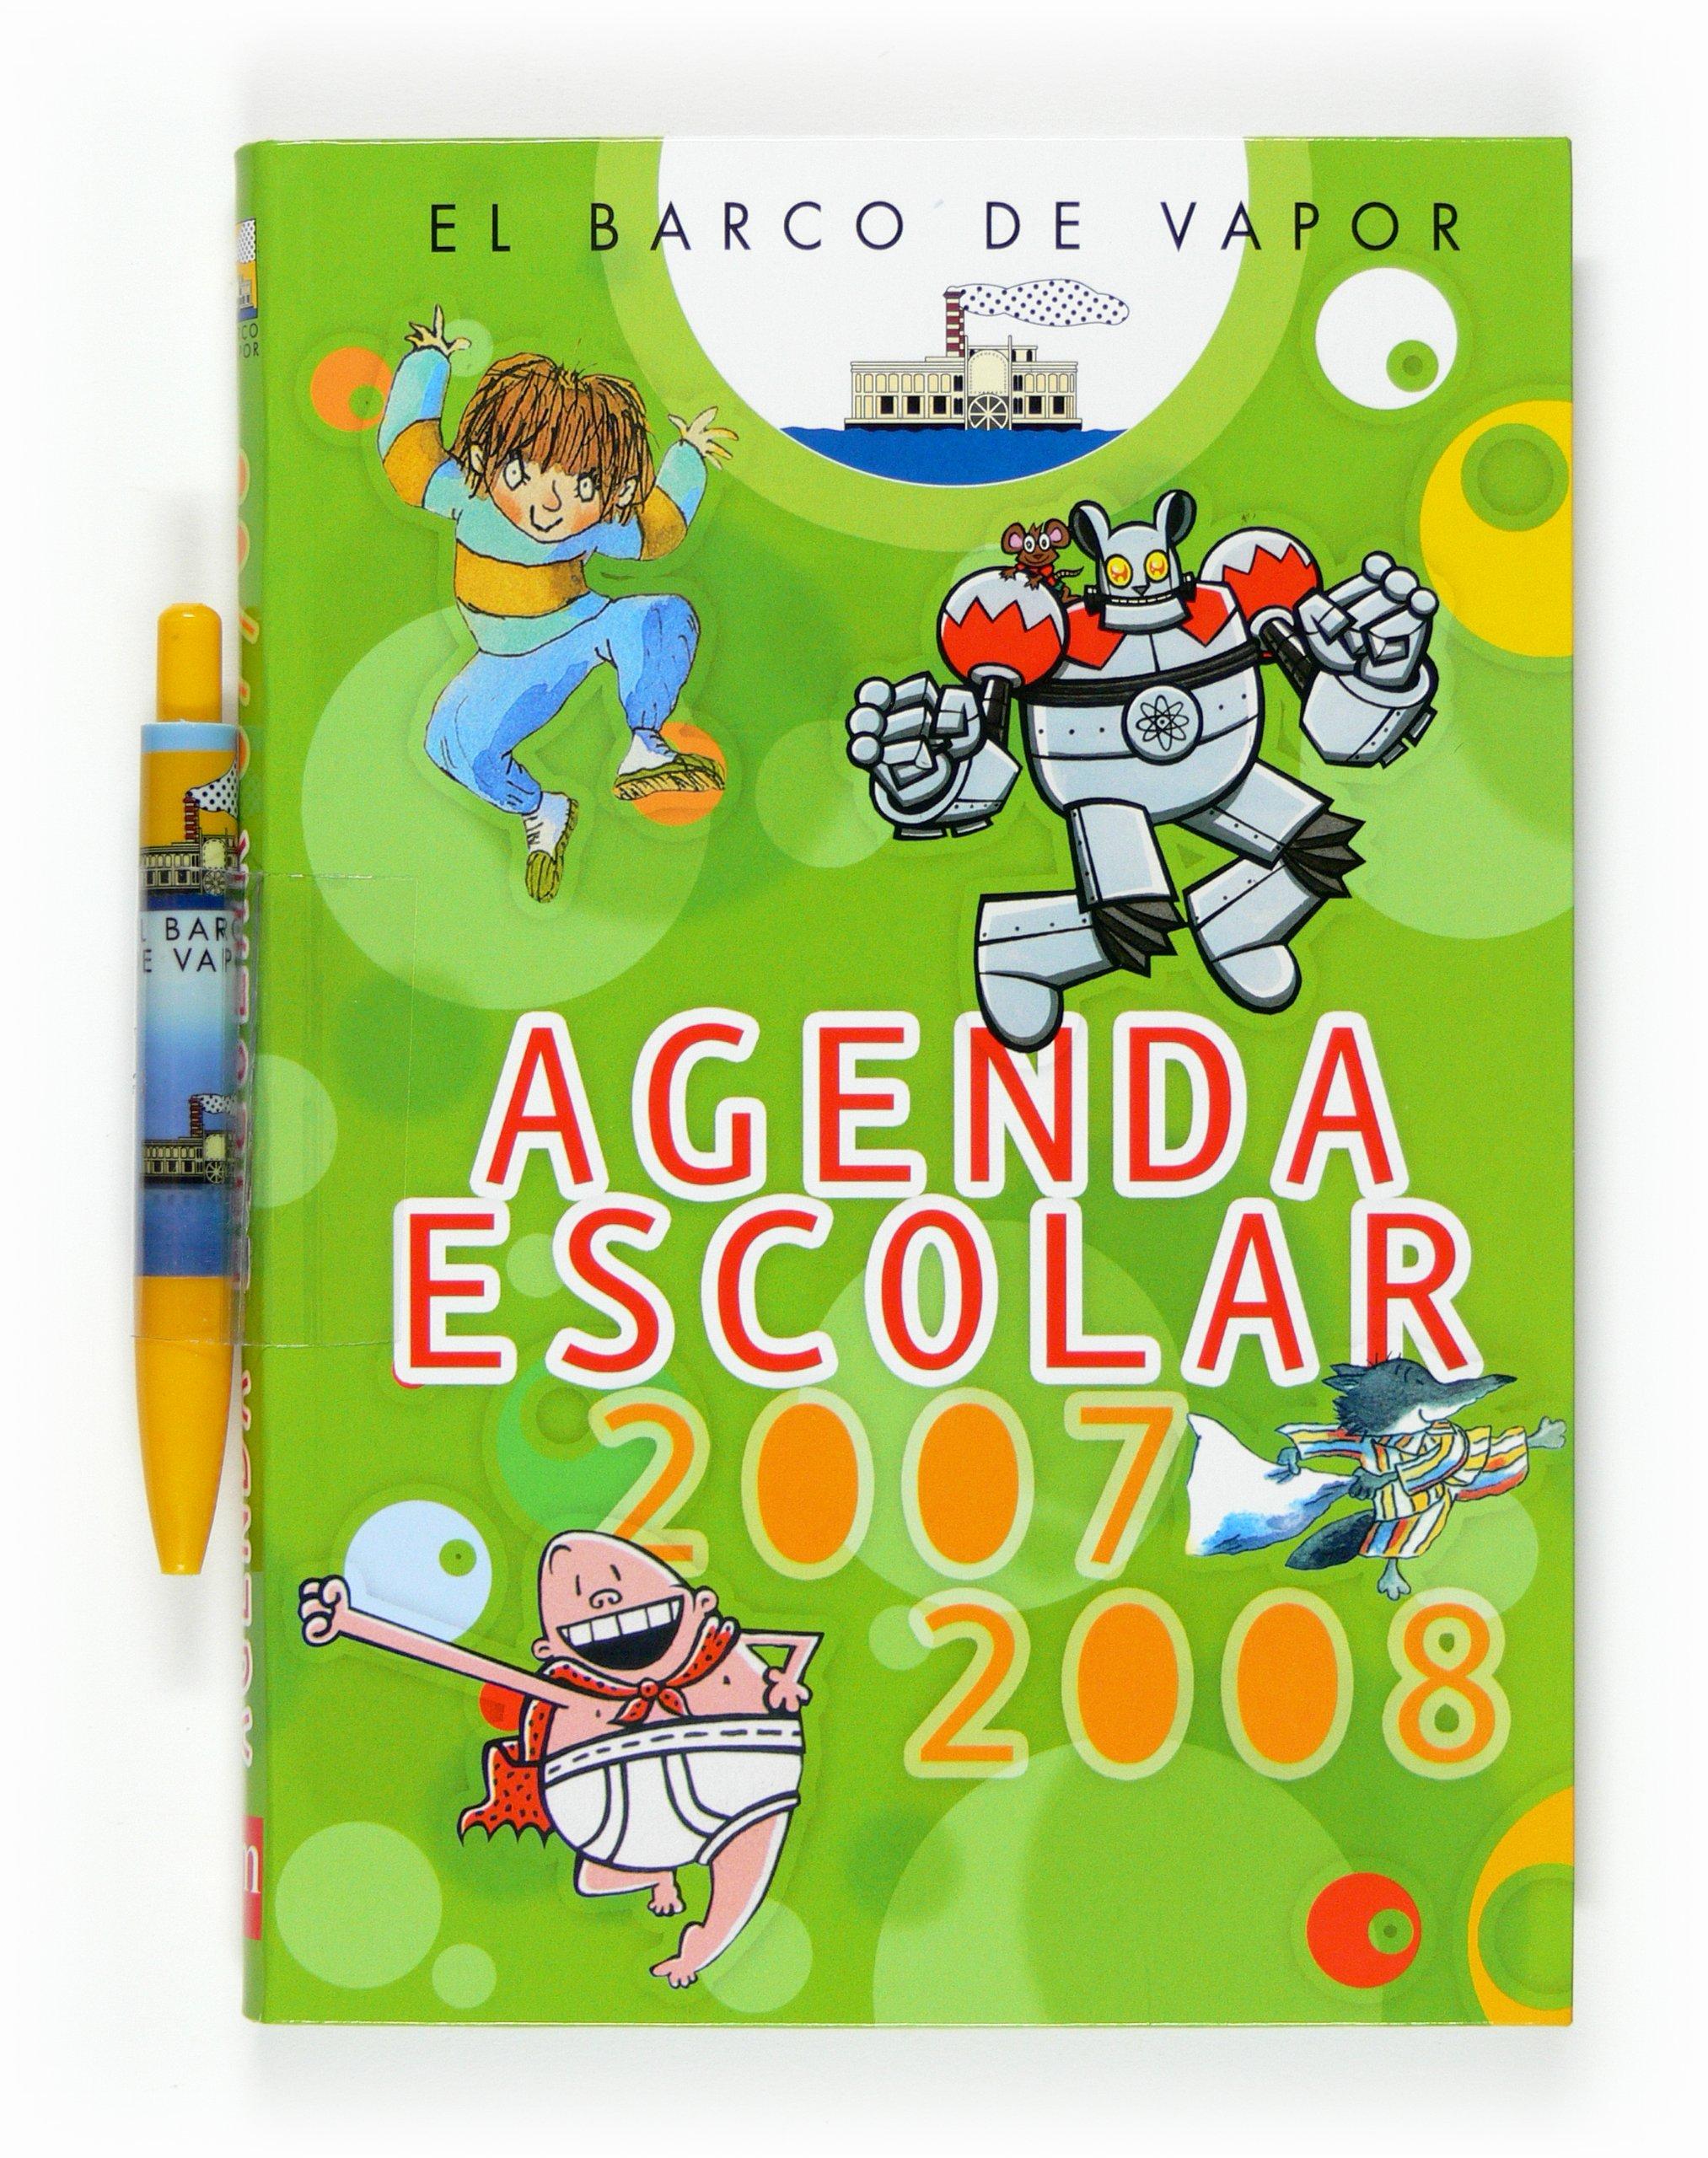 El Barco de Vapor. Agenda Escolar 2007-2008: 9788467518498 ...